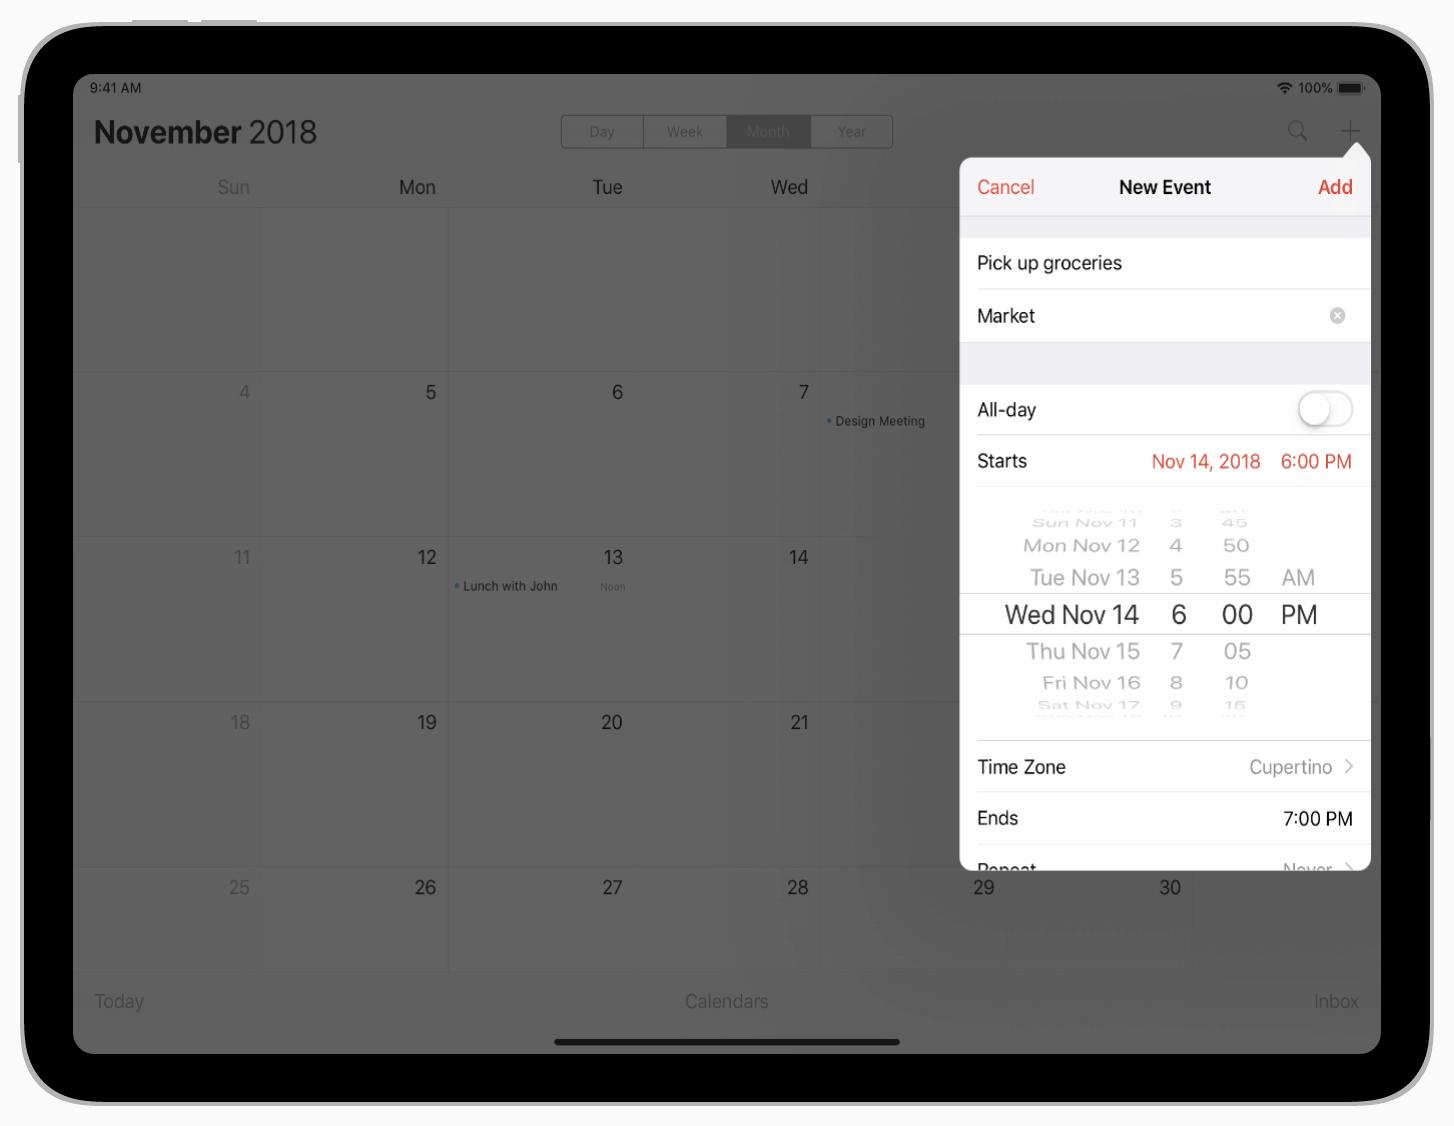 Apple人机交互设计指南中的Popover